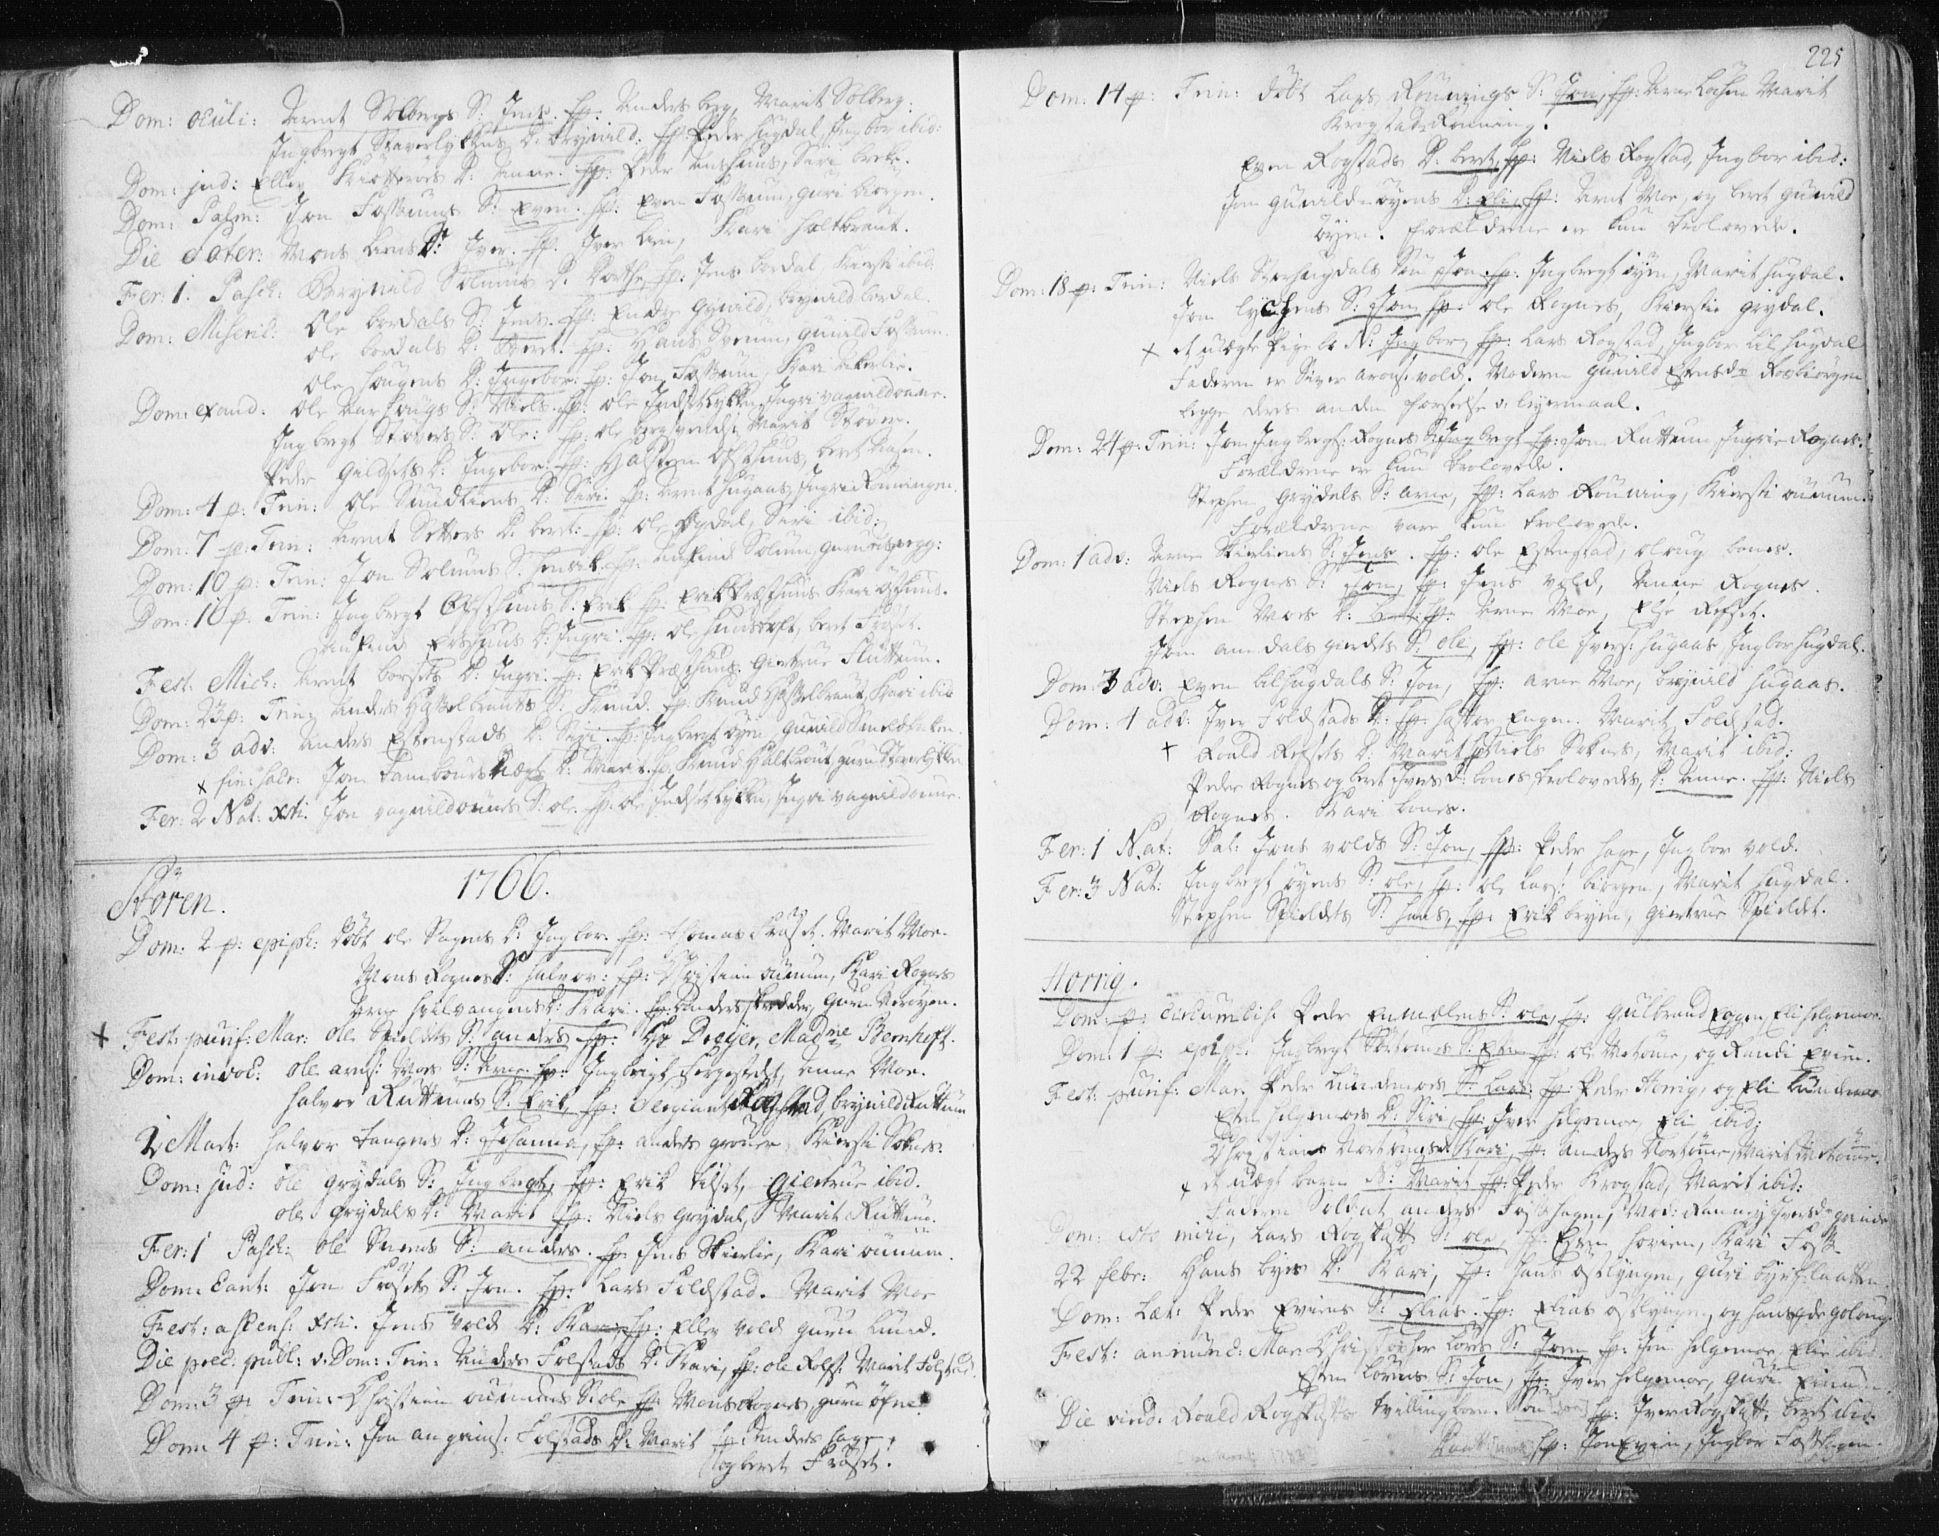 SAT, Ministerialprotokoller, klokkerbøker og fødselsregistre - Sør-Trøndelag, 687/L0991: Ministerialbok nr. 687A02, 1747-1790, s. 225